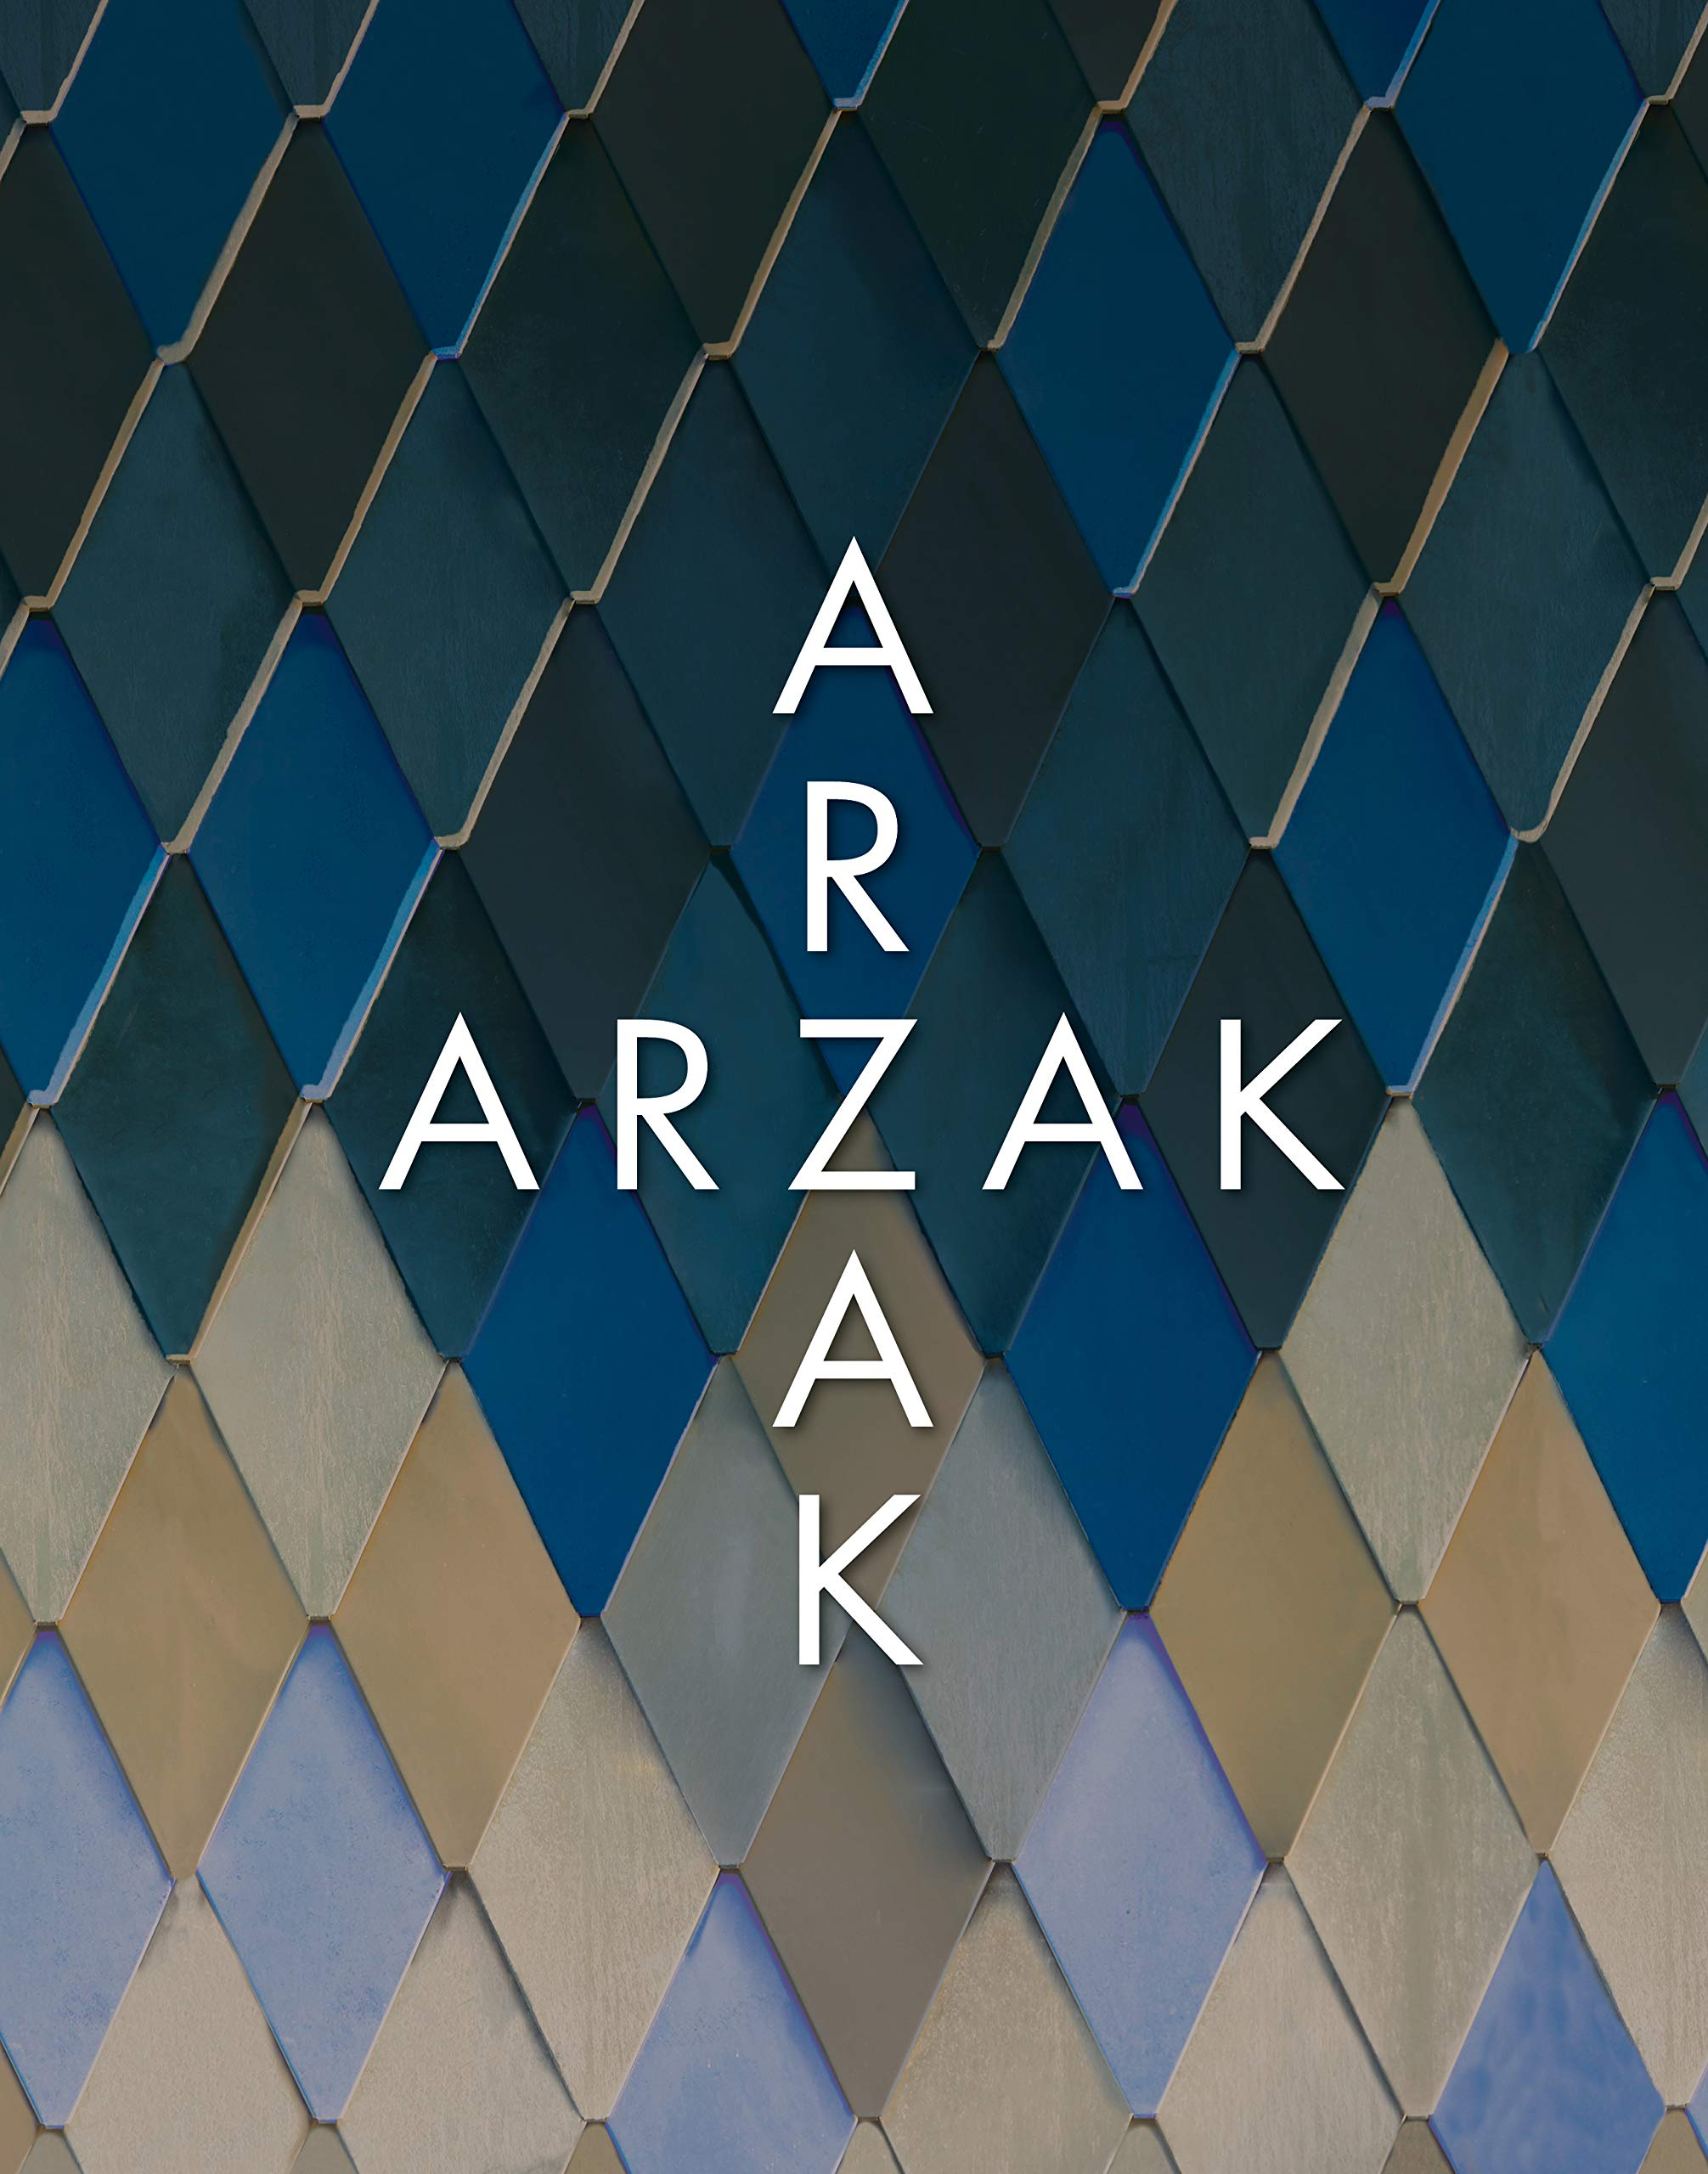 Arzak